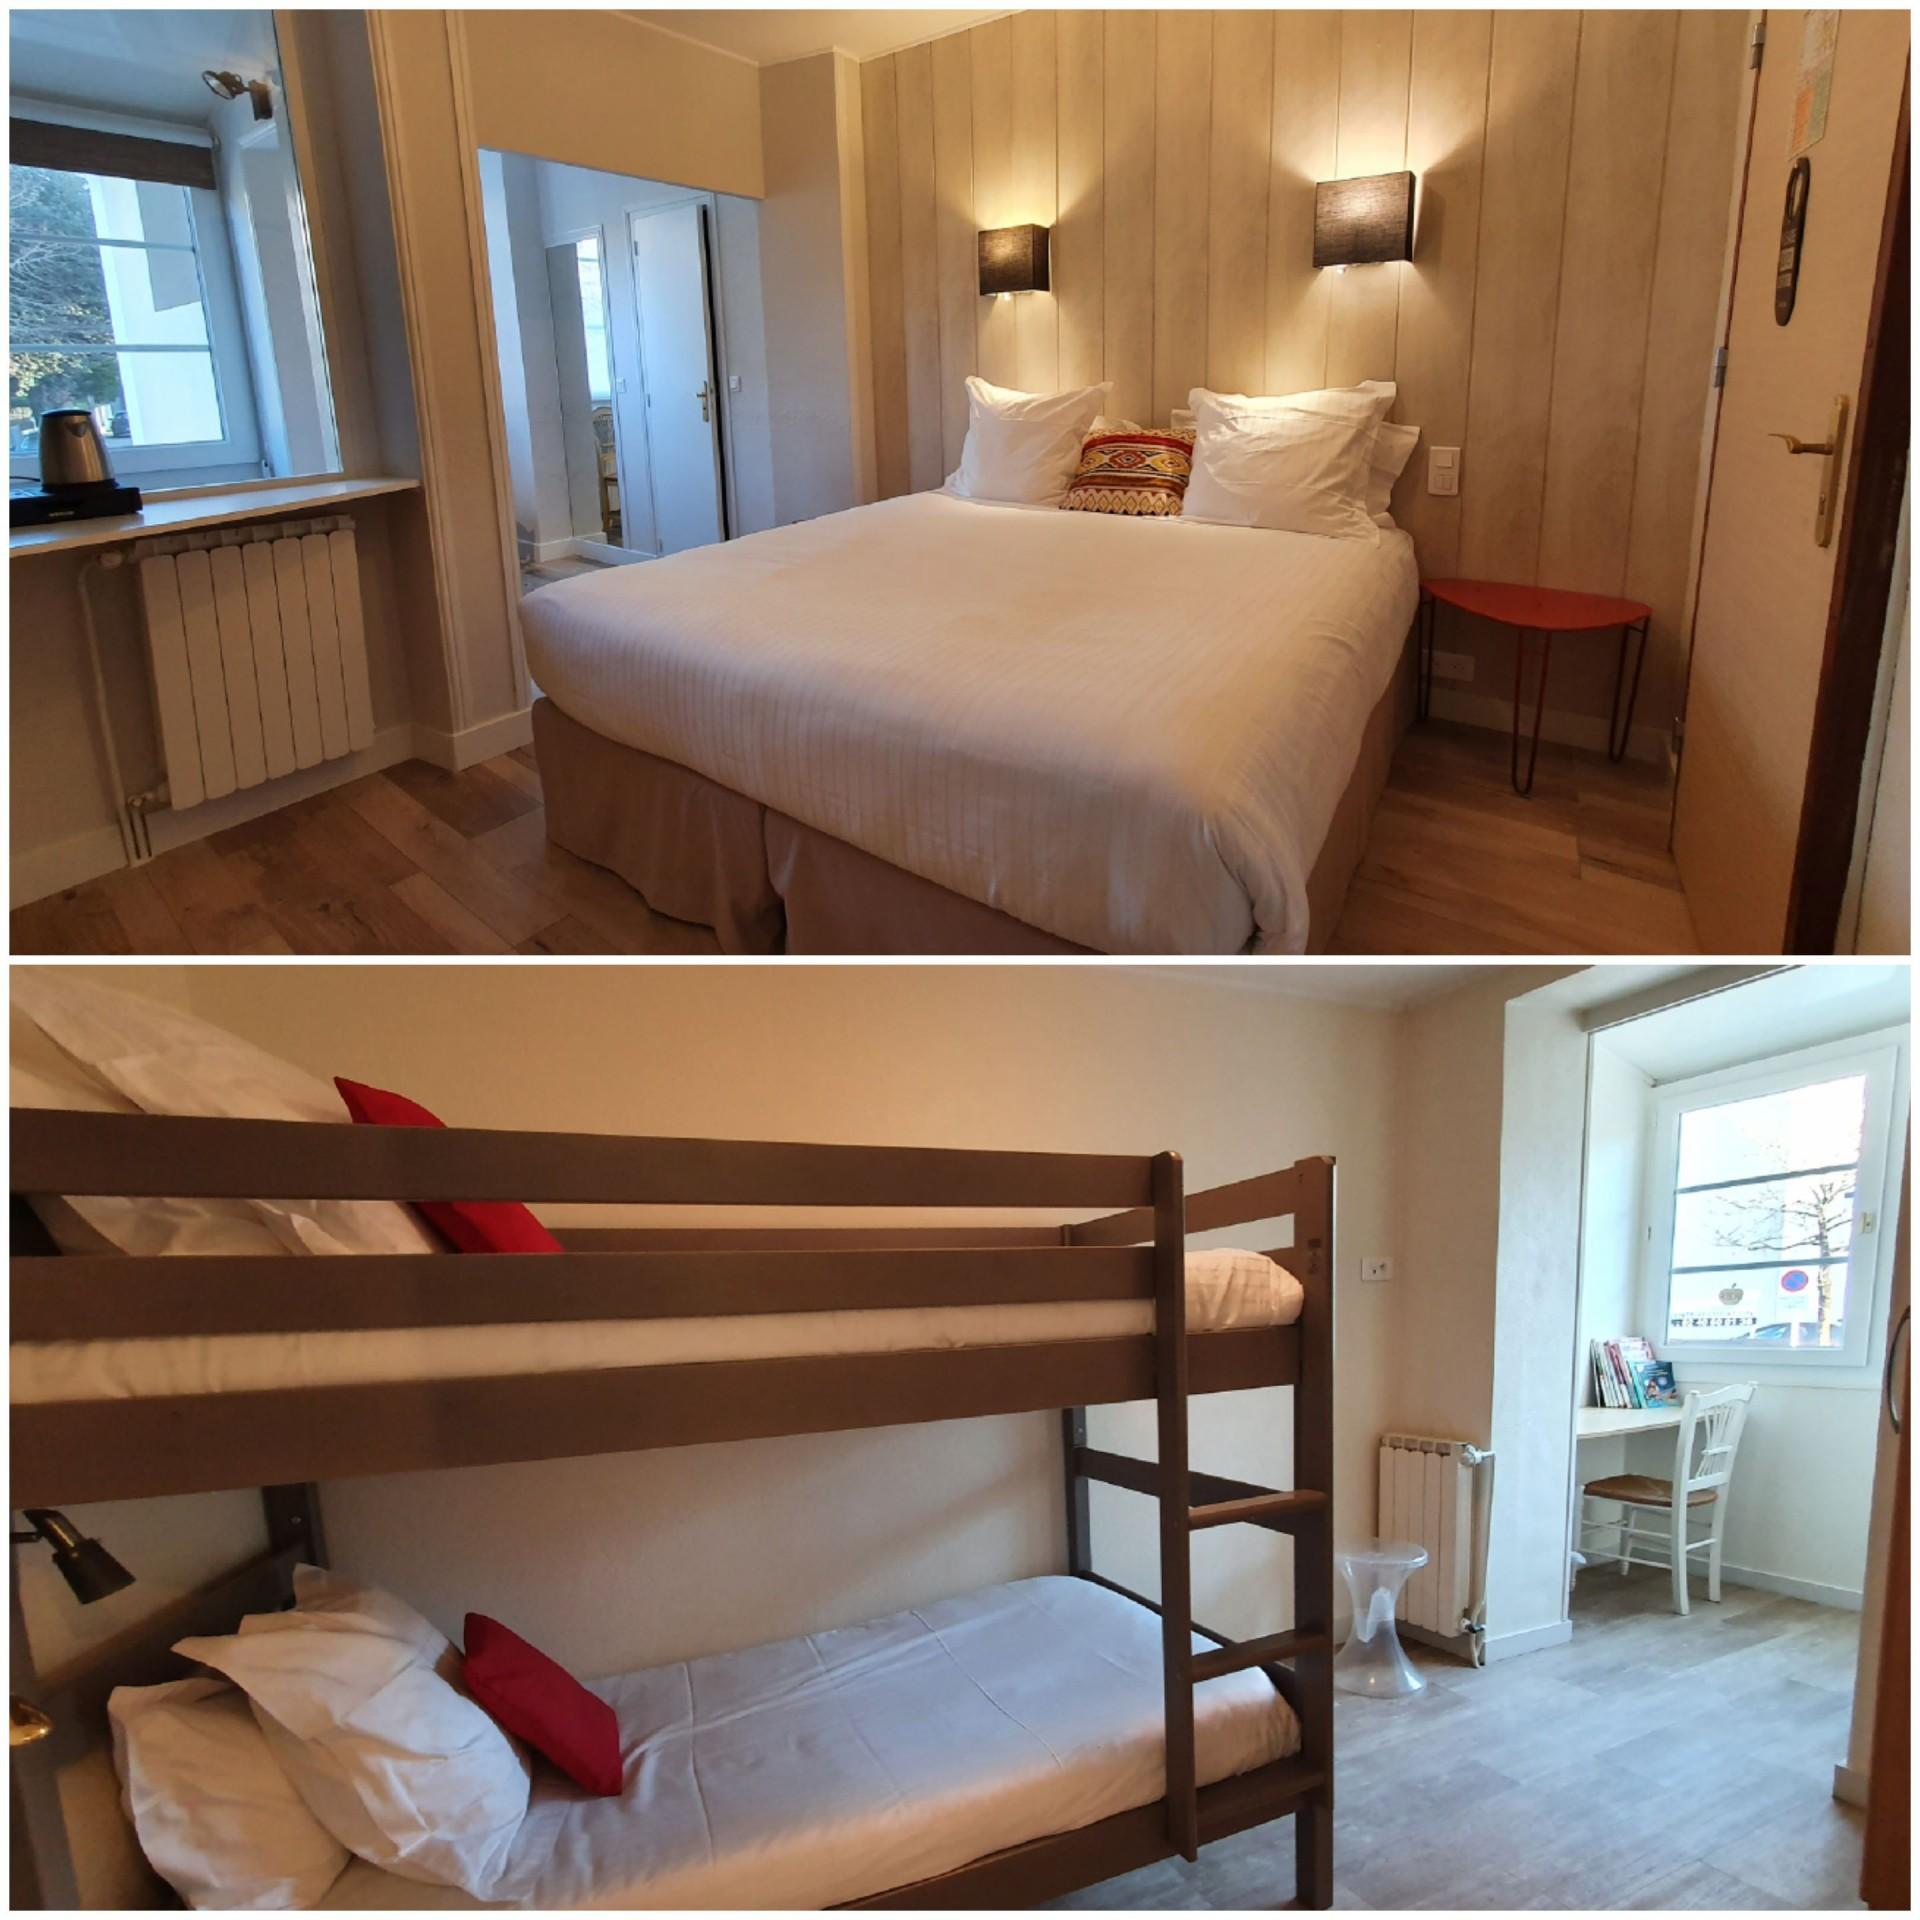 Hôtel La Closerie - chambres prestige ou dortoir